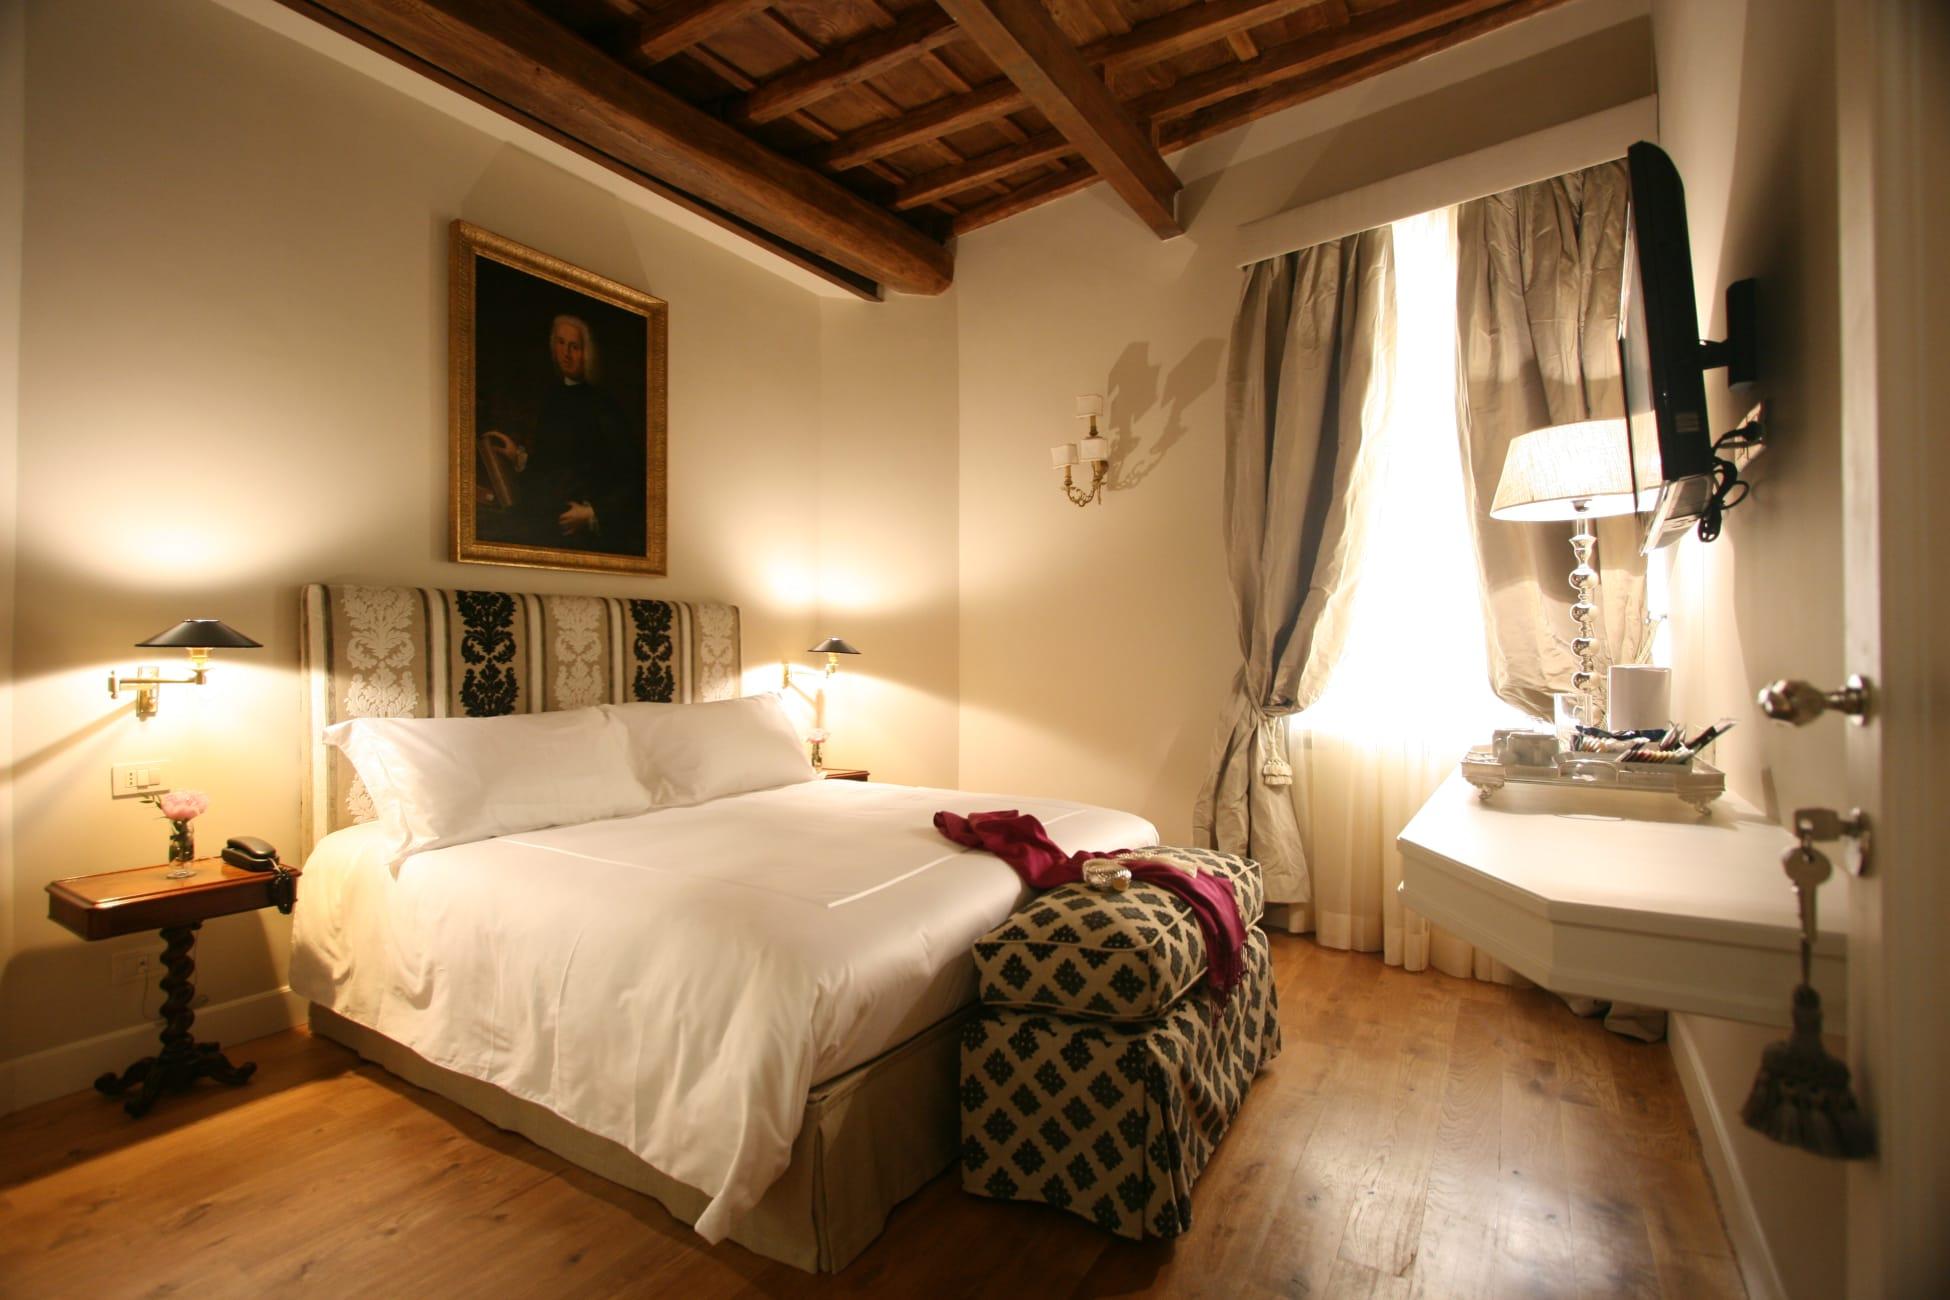 Hotel Crossing Condotti Rome Trivago Co Uk